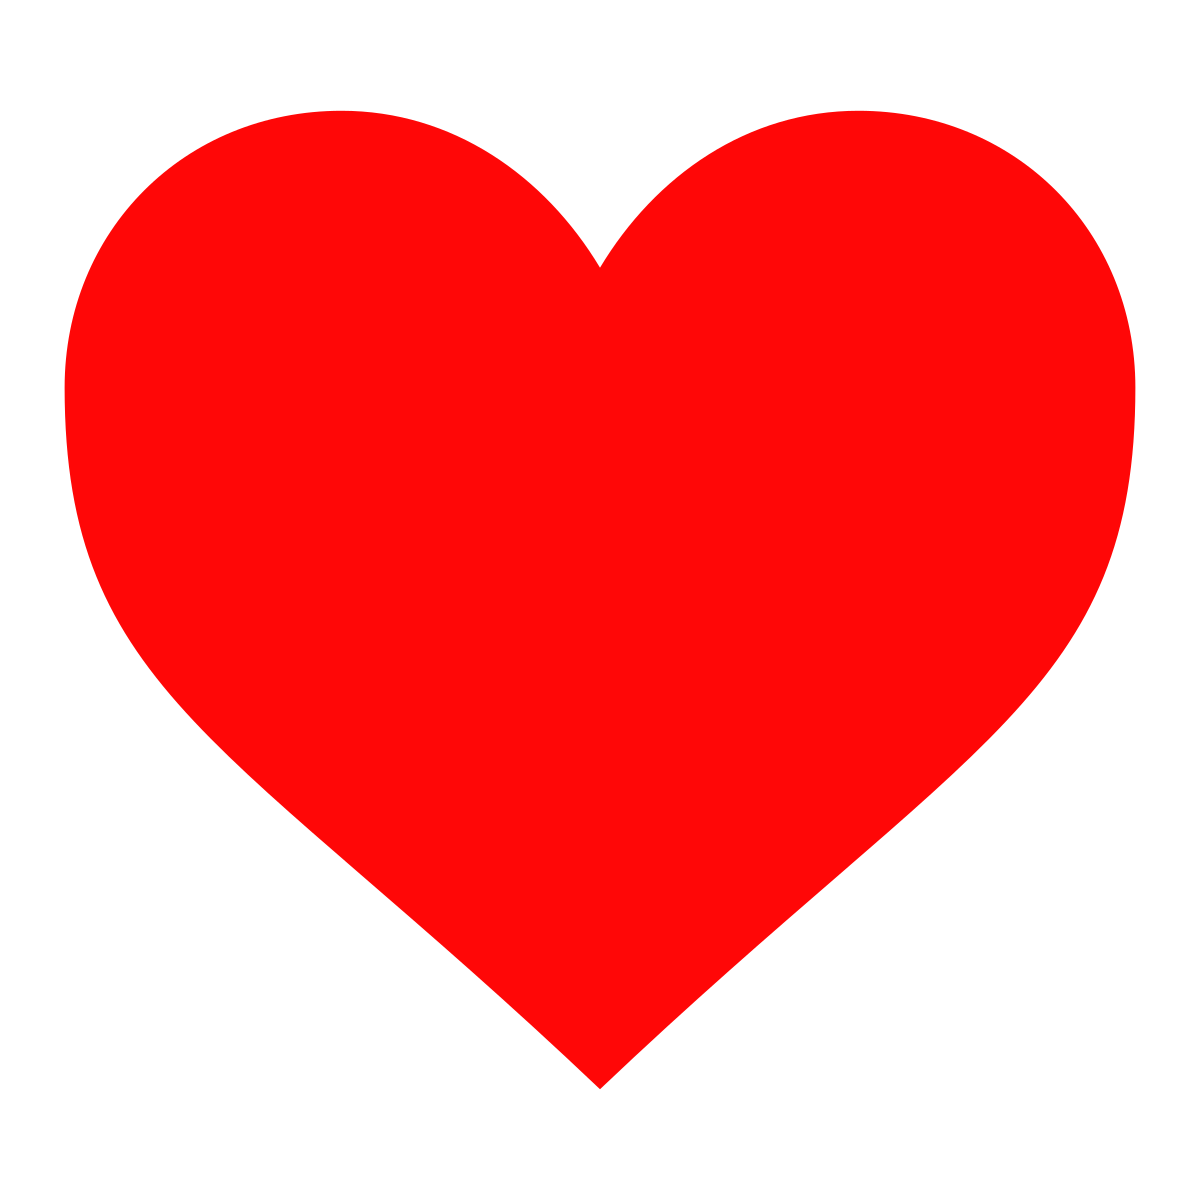 1200x1200 Heart